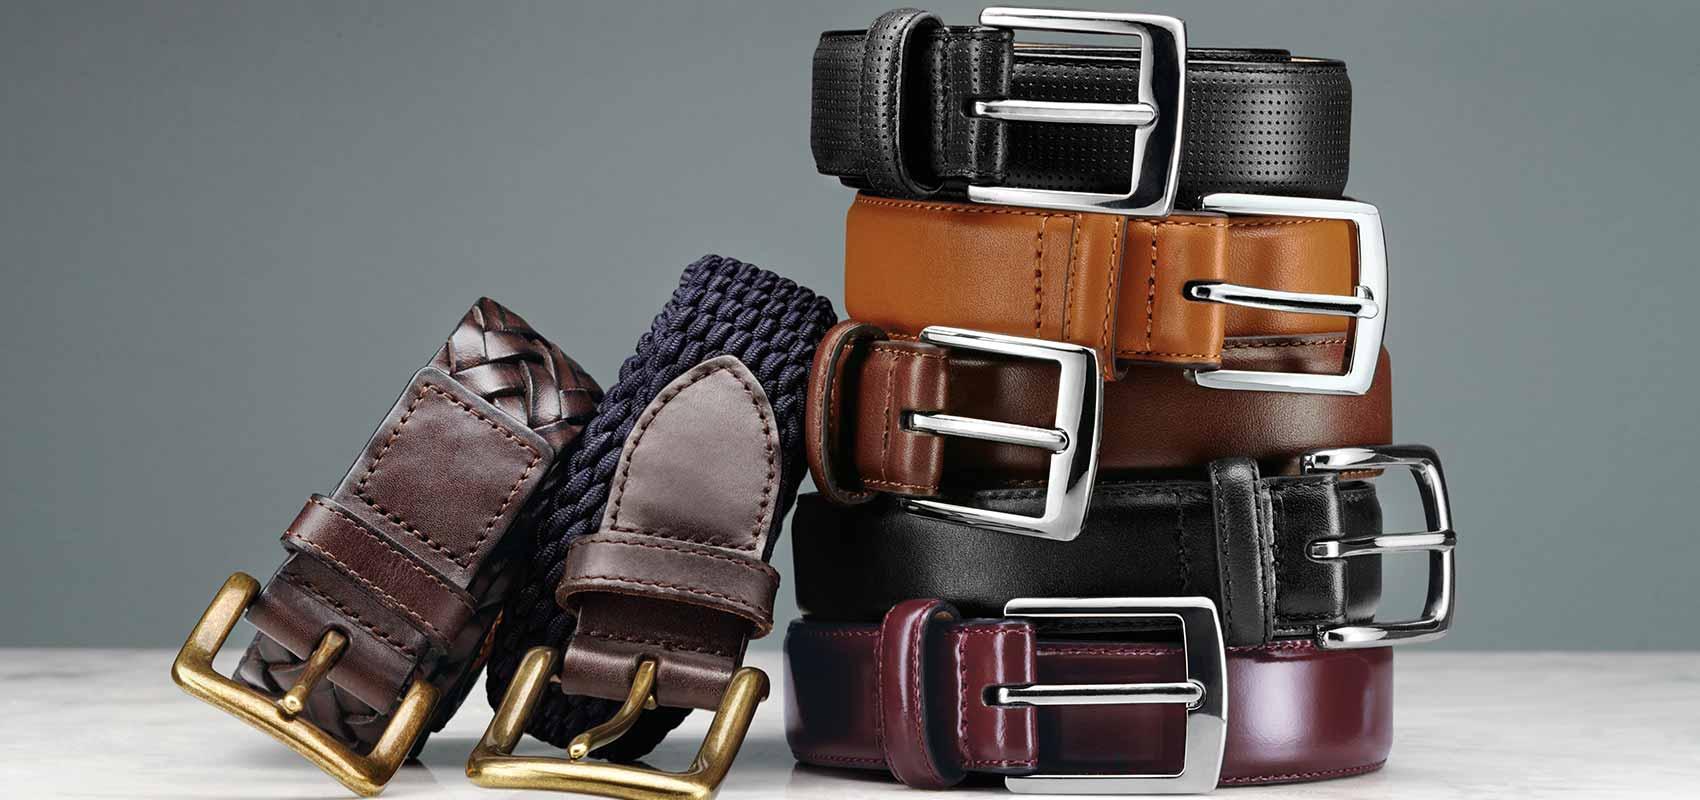 Charles Tyrwhitt luxury gifts